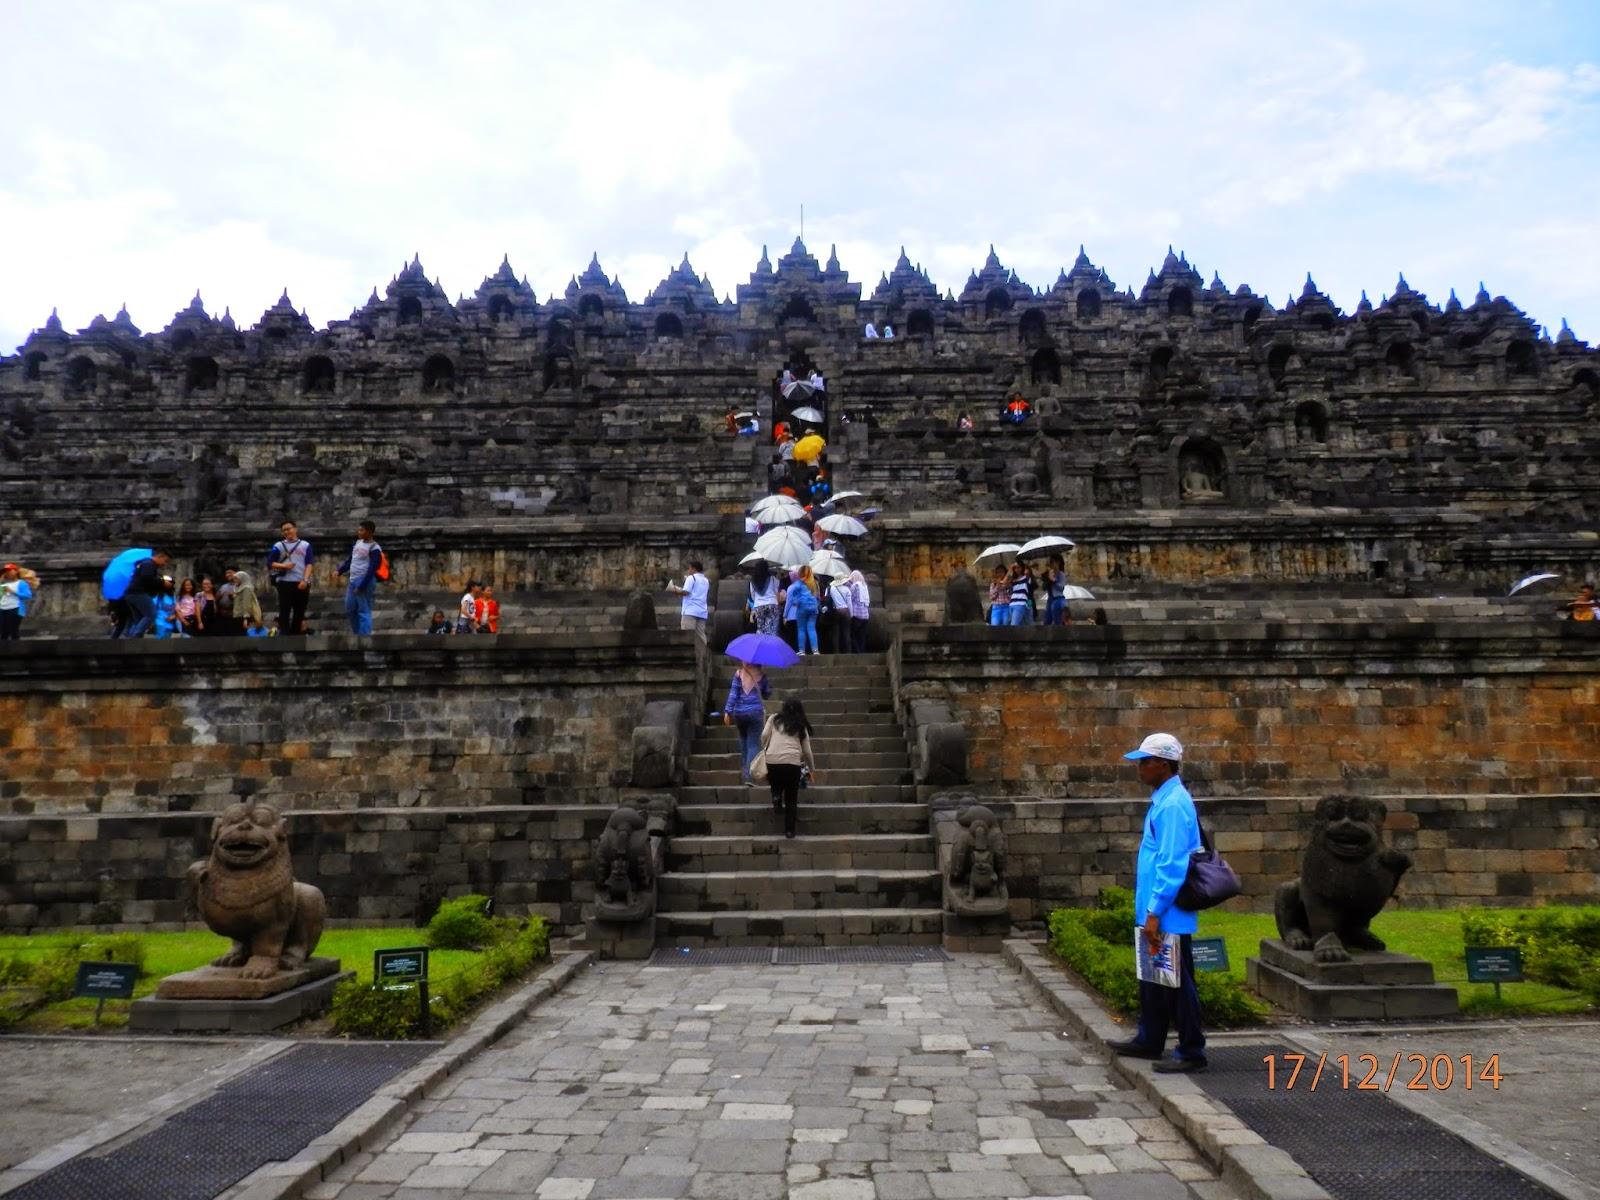 Laporan Study Wisata Yogyakarta Laporan Study Wisata Yogyakarta